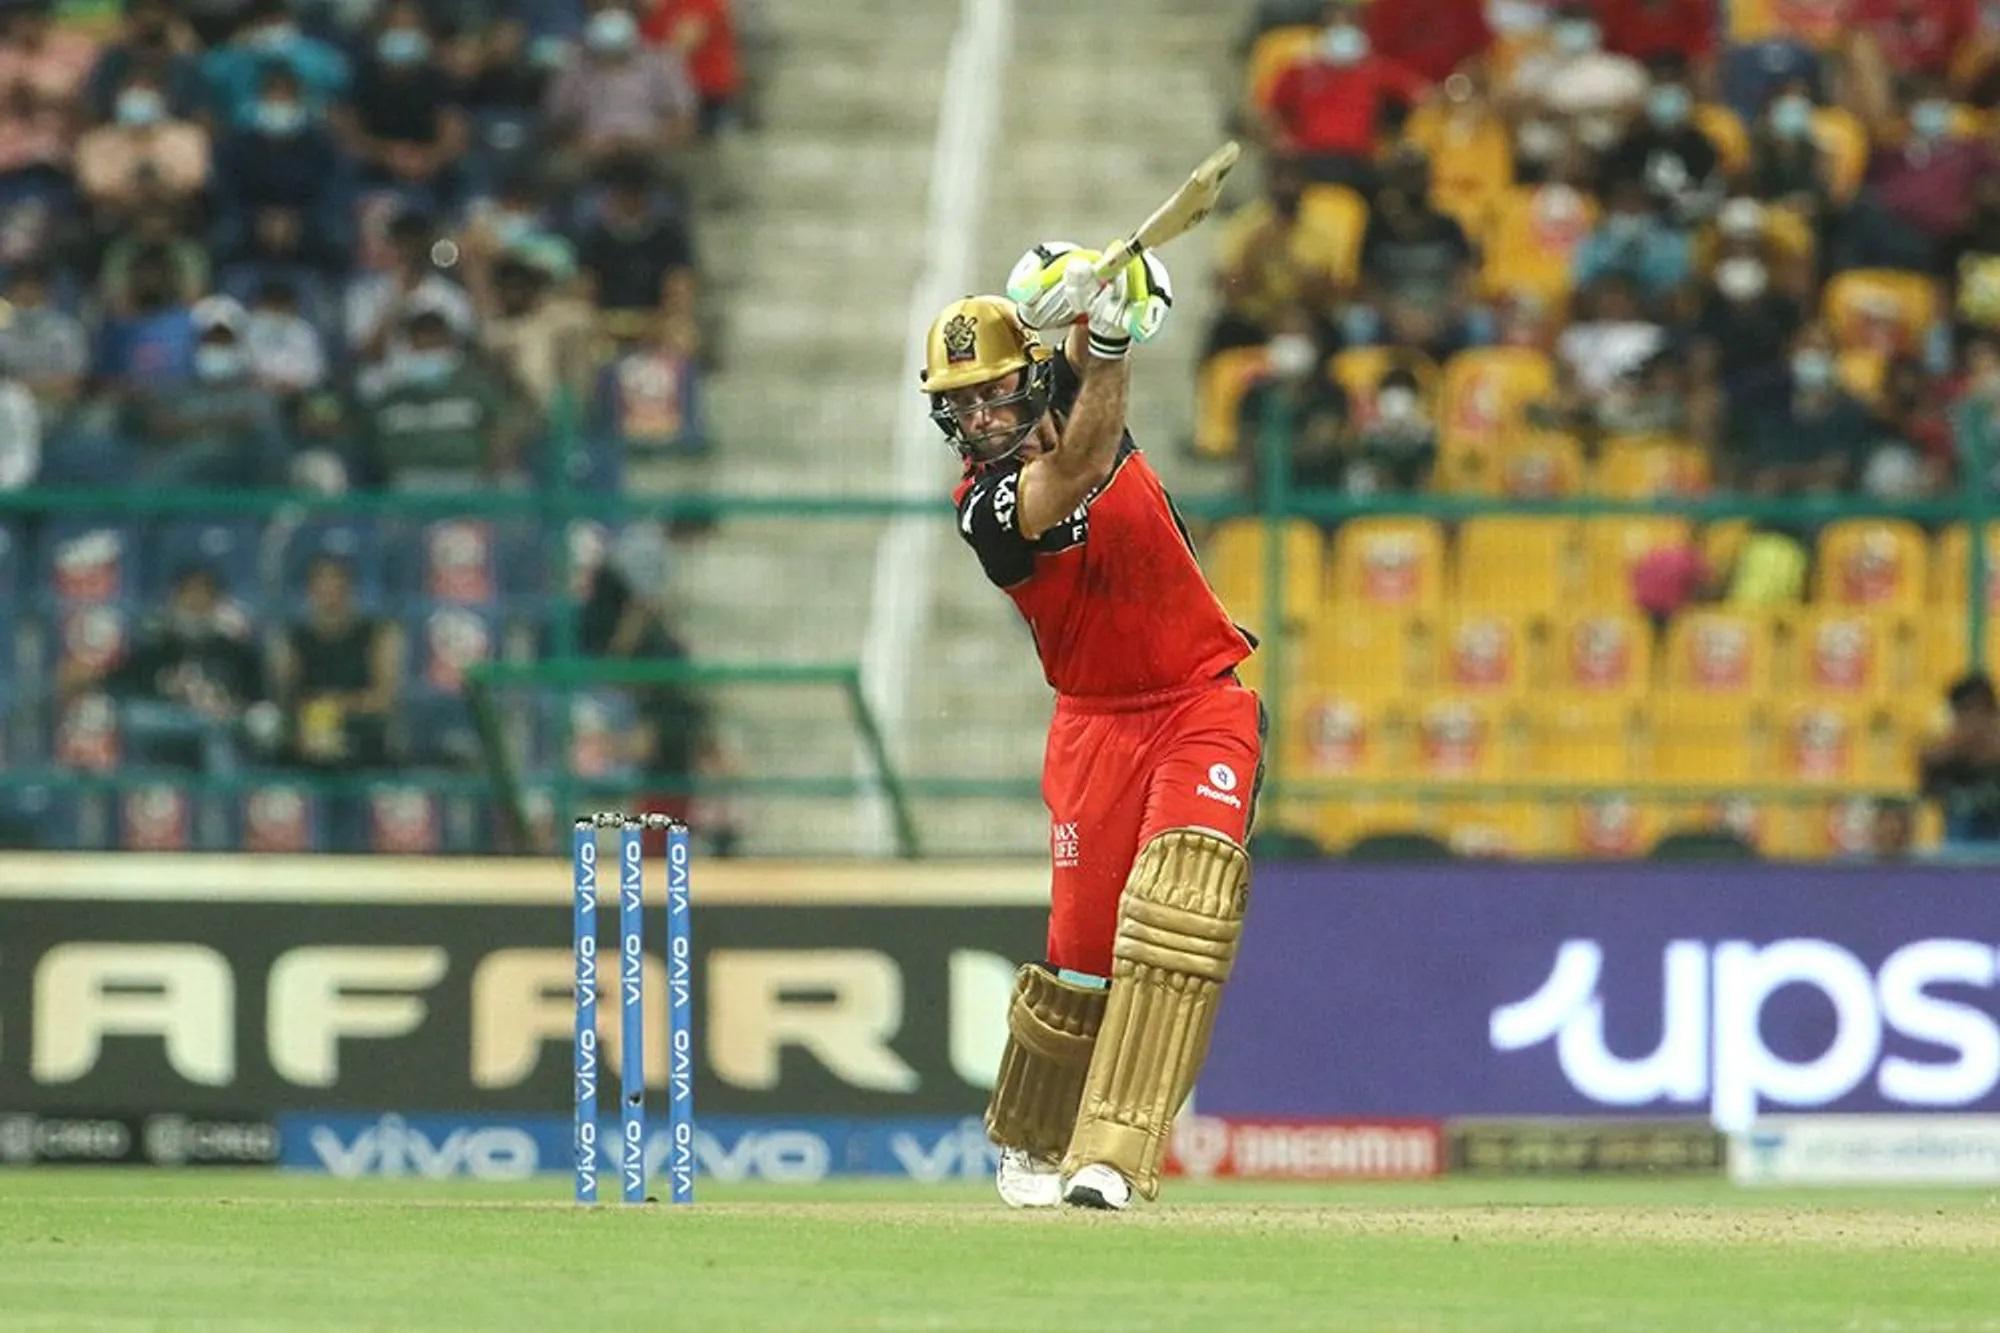 ग्लेन मैक्सवेल ने अपनी धार वापस पा ली है। वो विरोधी टीम के बॉलर्स की लाइन-लेंथ बिगाड़ रहे हैं। हैदराबाद के खिलाफ भी यही हुआ। उन्होंने 25 गेंद में 2 चौके और 2 छक्कों की मदद से 40 रन बनाए।